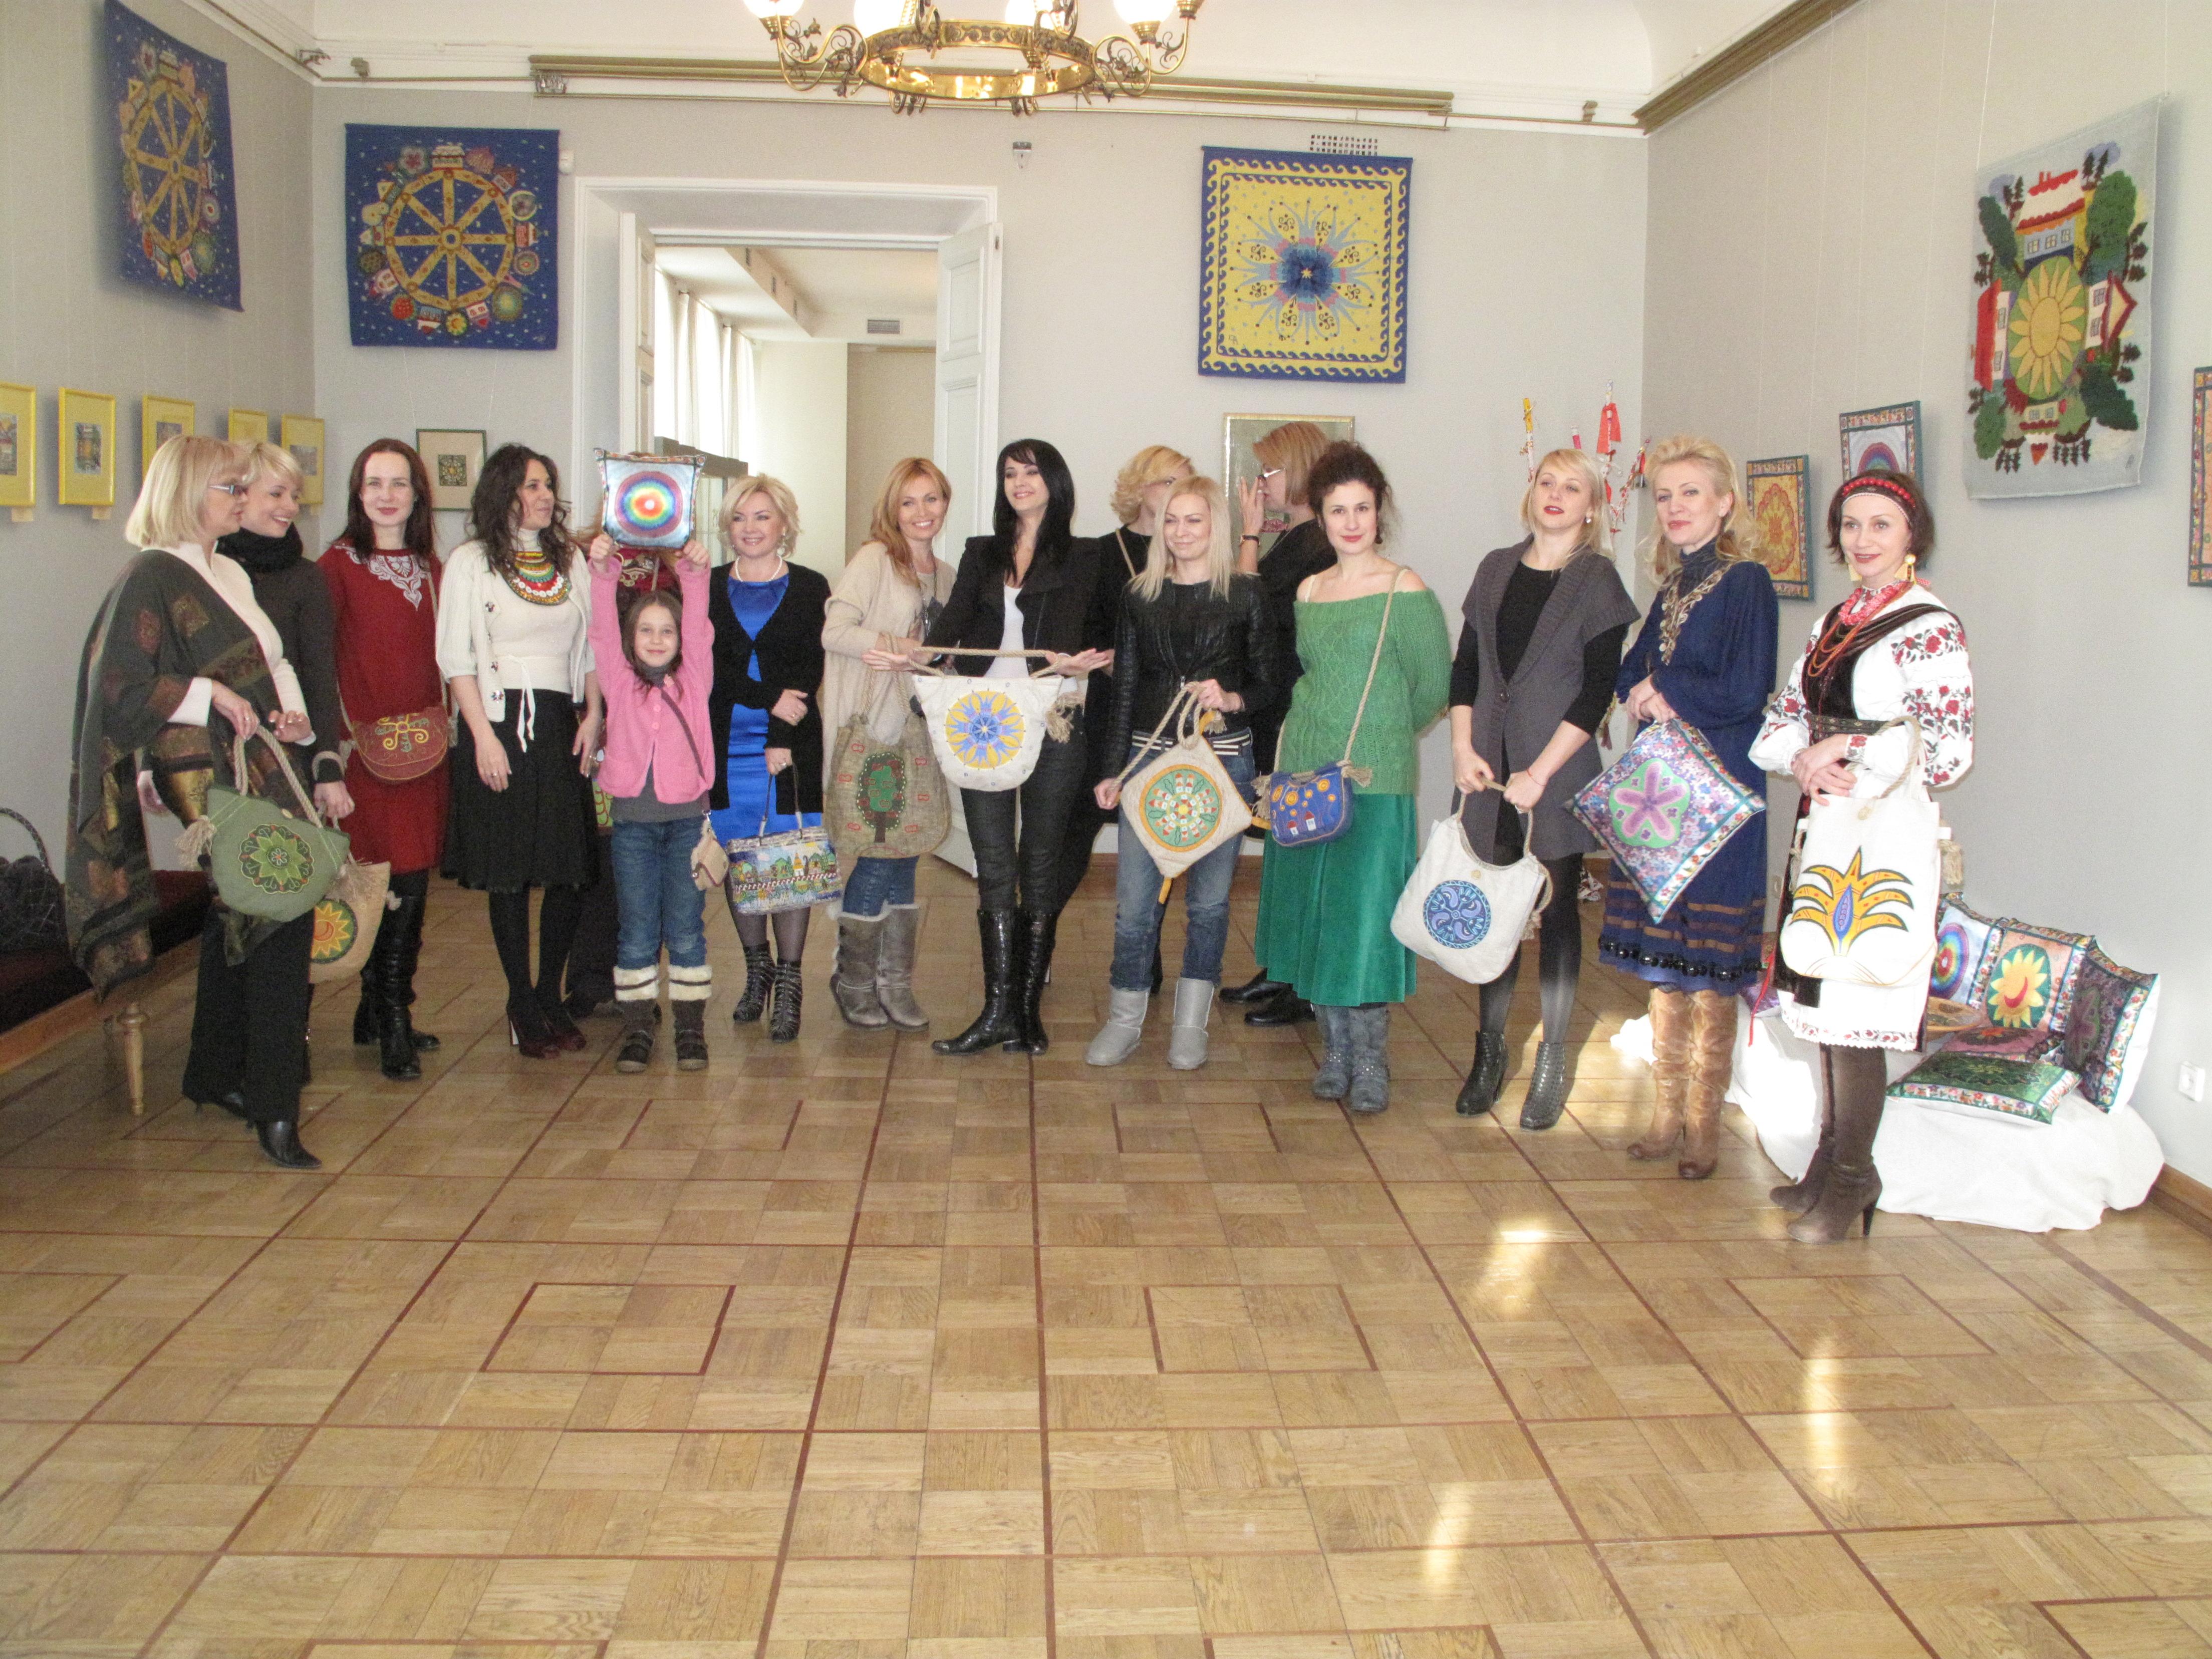 Етно-колекція сумок від Анжеліки Рудницької. Фото: Оксана Позднякова/The Epoch Тіmes Україна